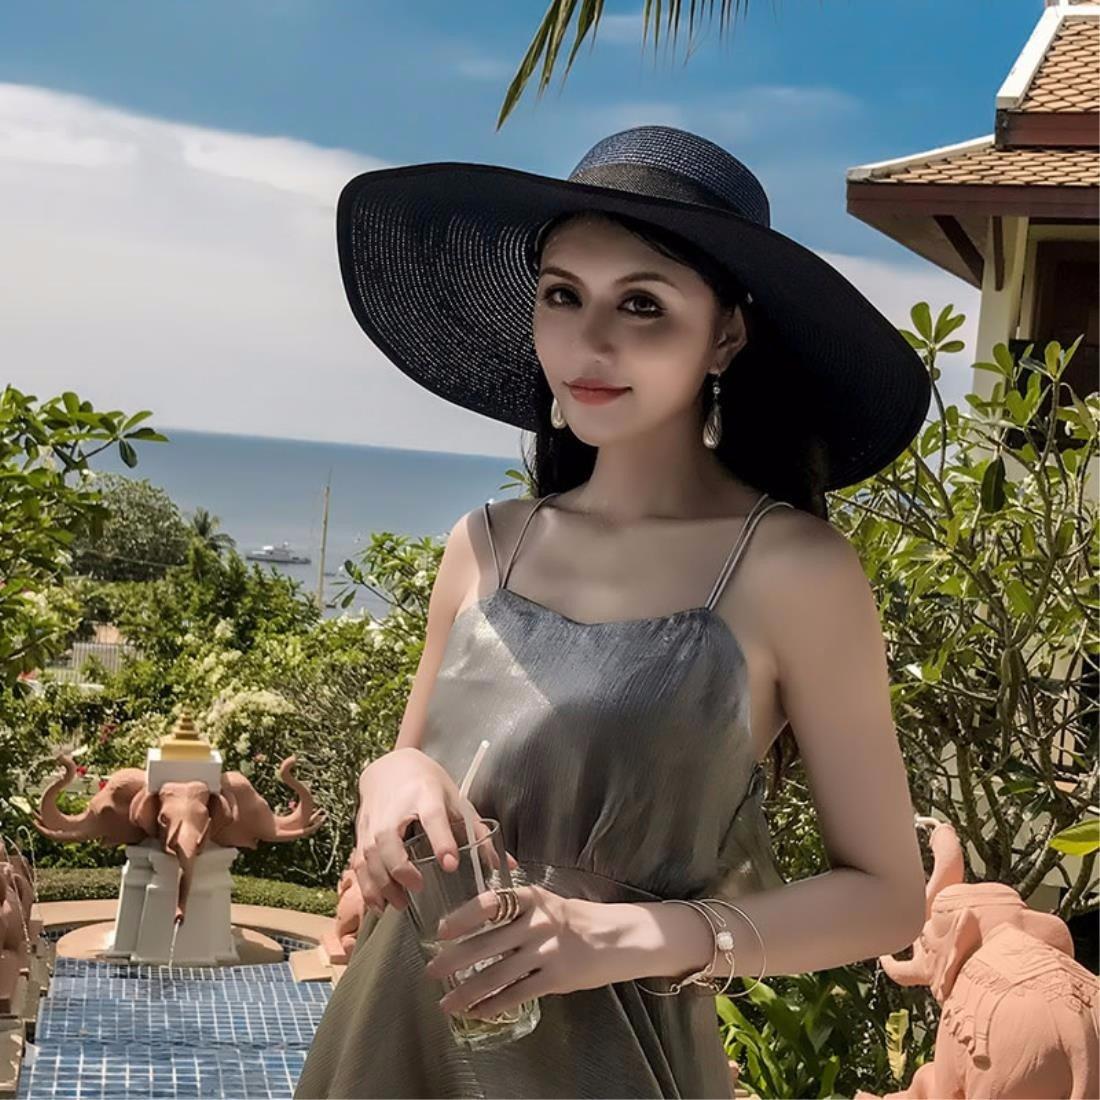 De alta calidad ERLINGSAN-MZ Sombreros De Mujer Escapada De Verano  Plegables Gorras De Playa d52218f8b7a